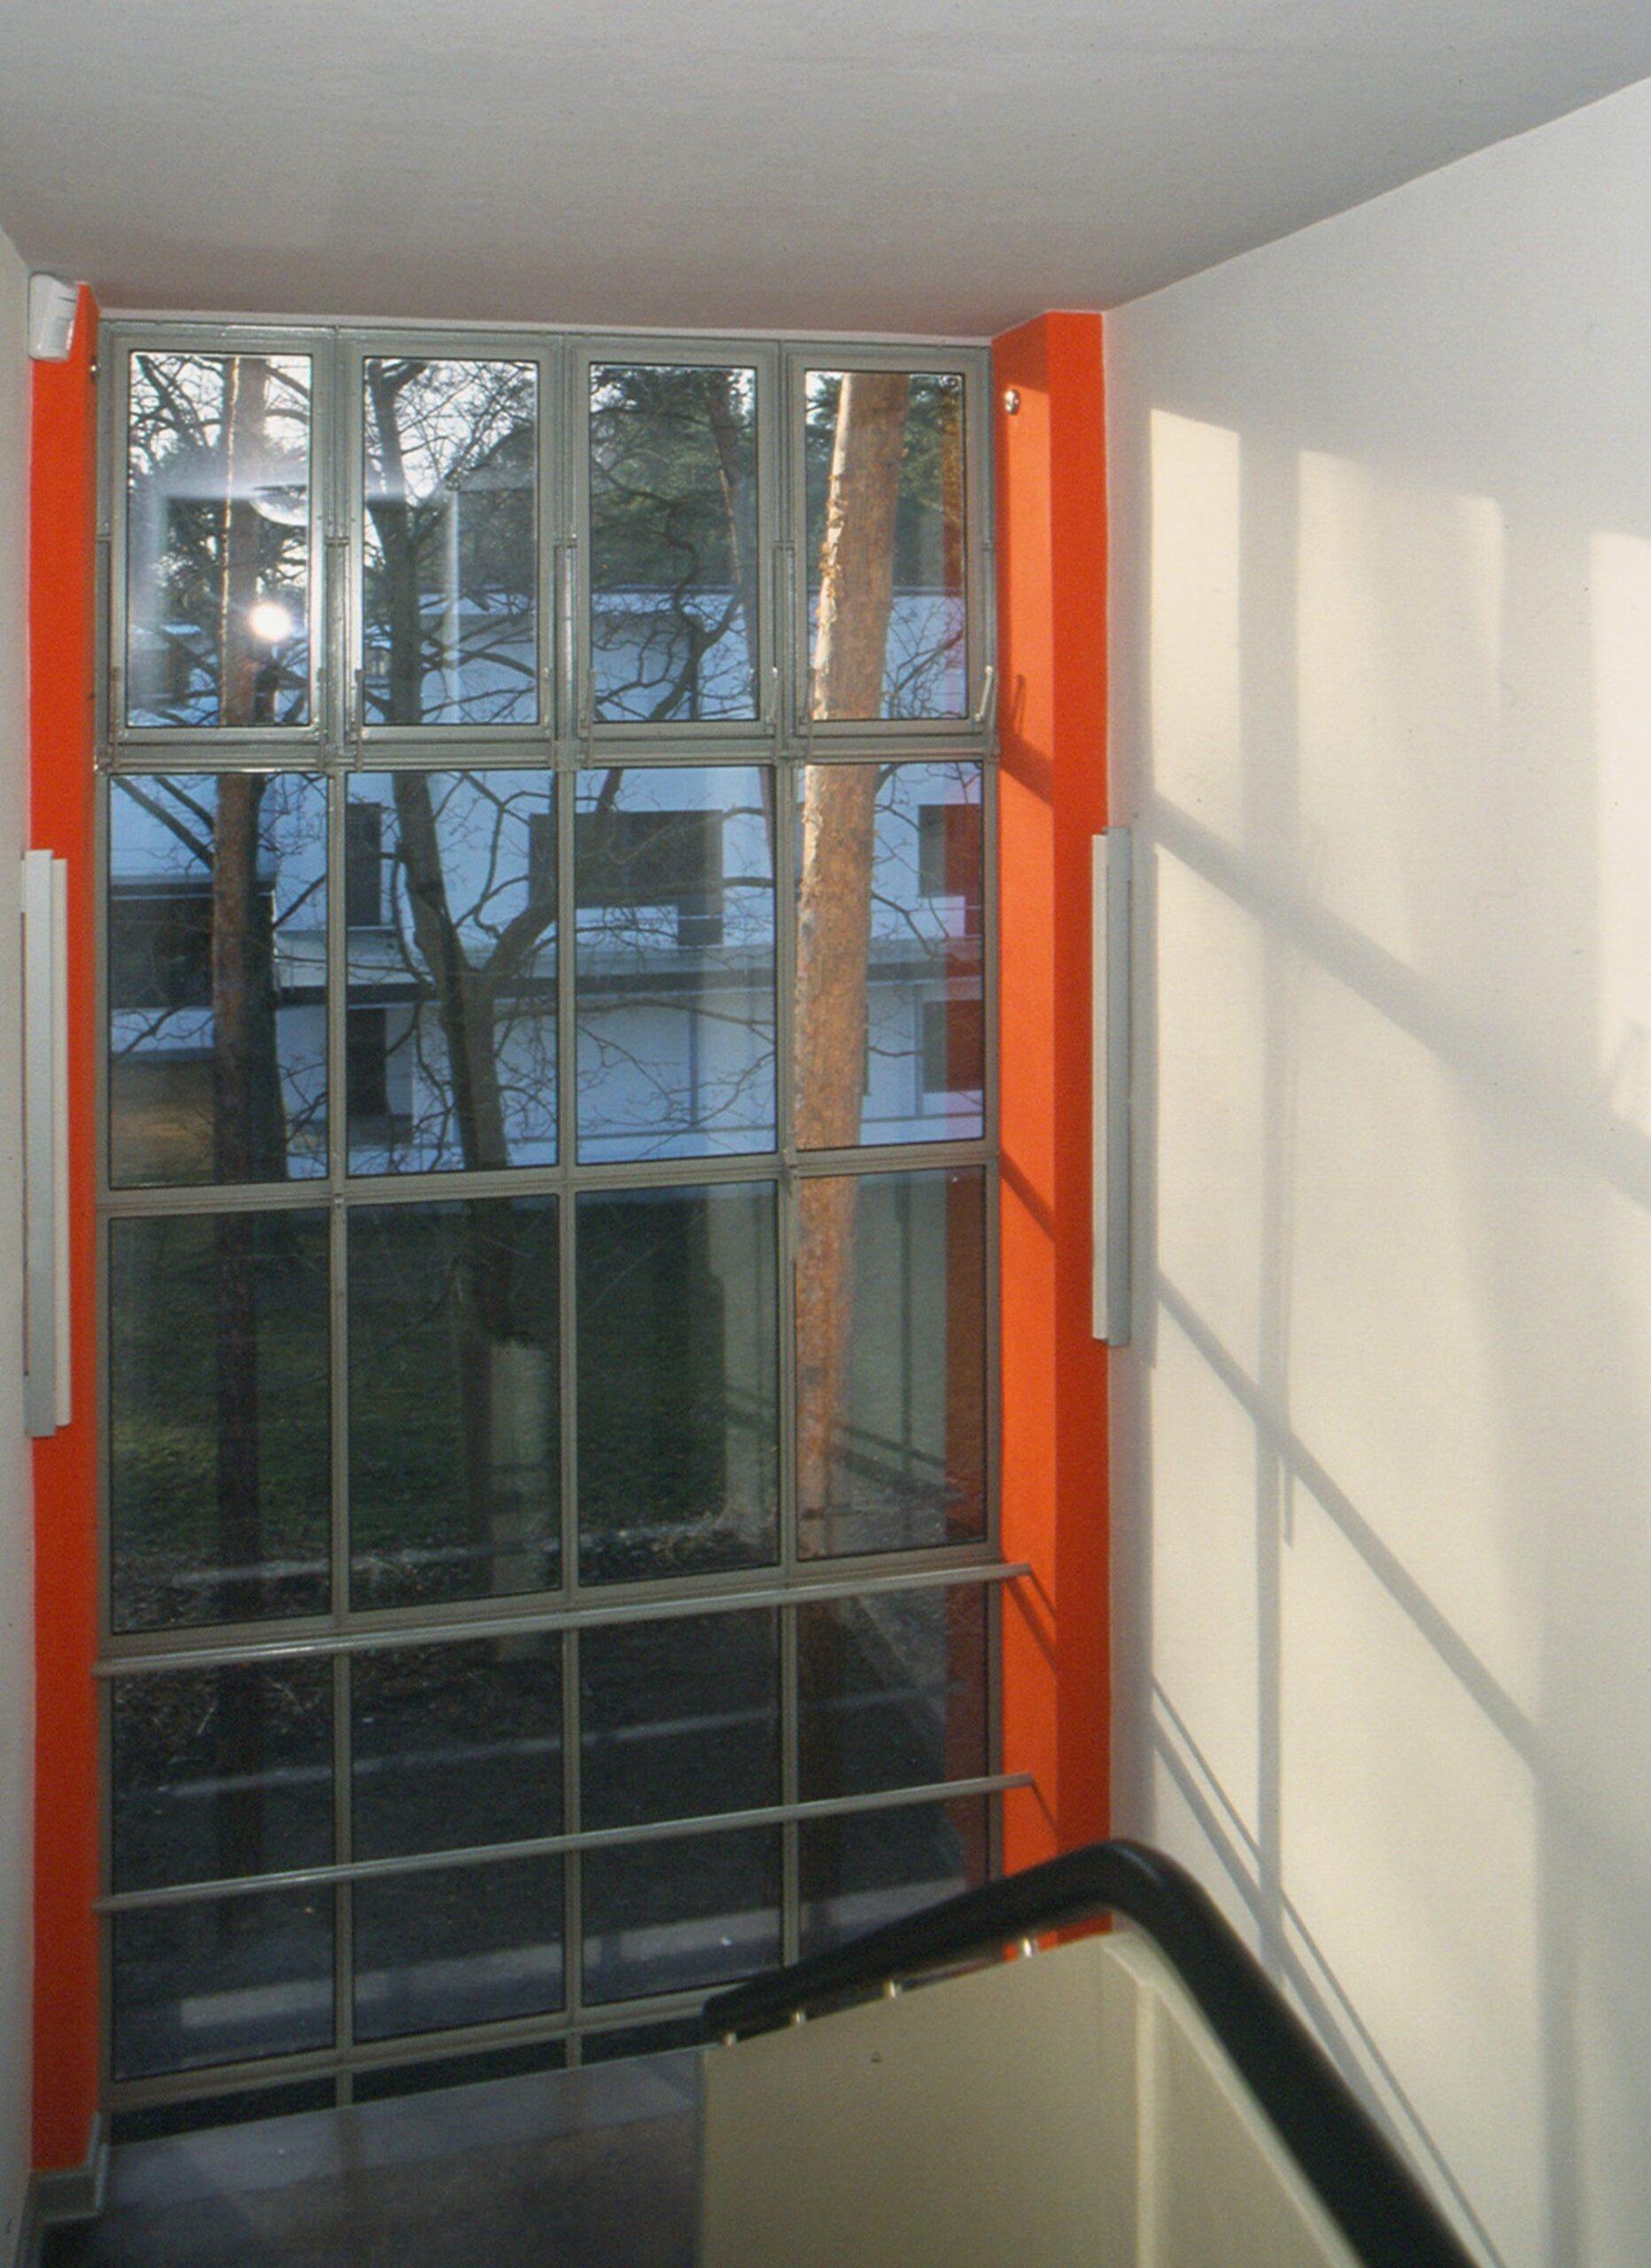 Full Size of Heizkörper Bauhaus Projekt Meisterhaus Muche Schlemmercompetitionline Fenster Wohnzimmer Elektroheizkörper Bad Badezimmer Für Wohnzimmer Heizkörper Bauhaus